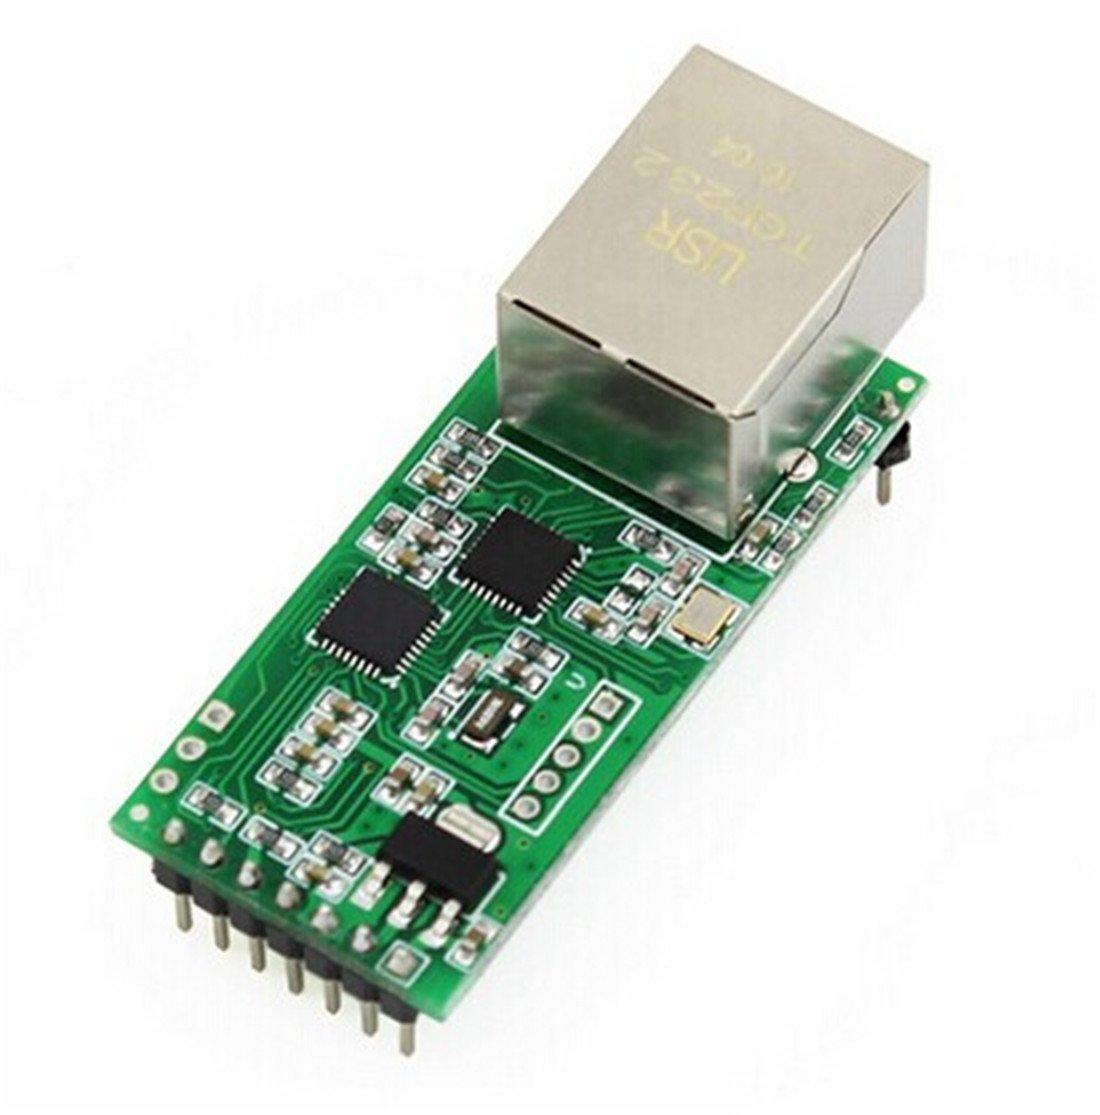 USRIOT USR-TCP232-T 2 Minuscule Serial Ethernet Module convertisseur UART série TTL Ethernet Module TCPIP support DHCP et DNS